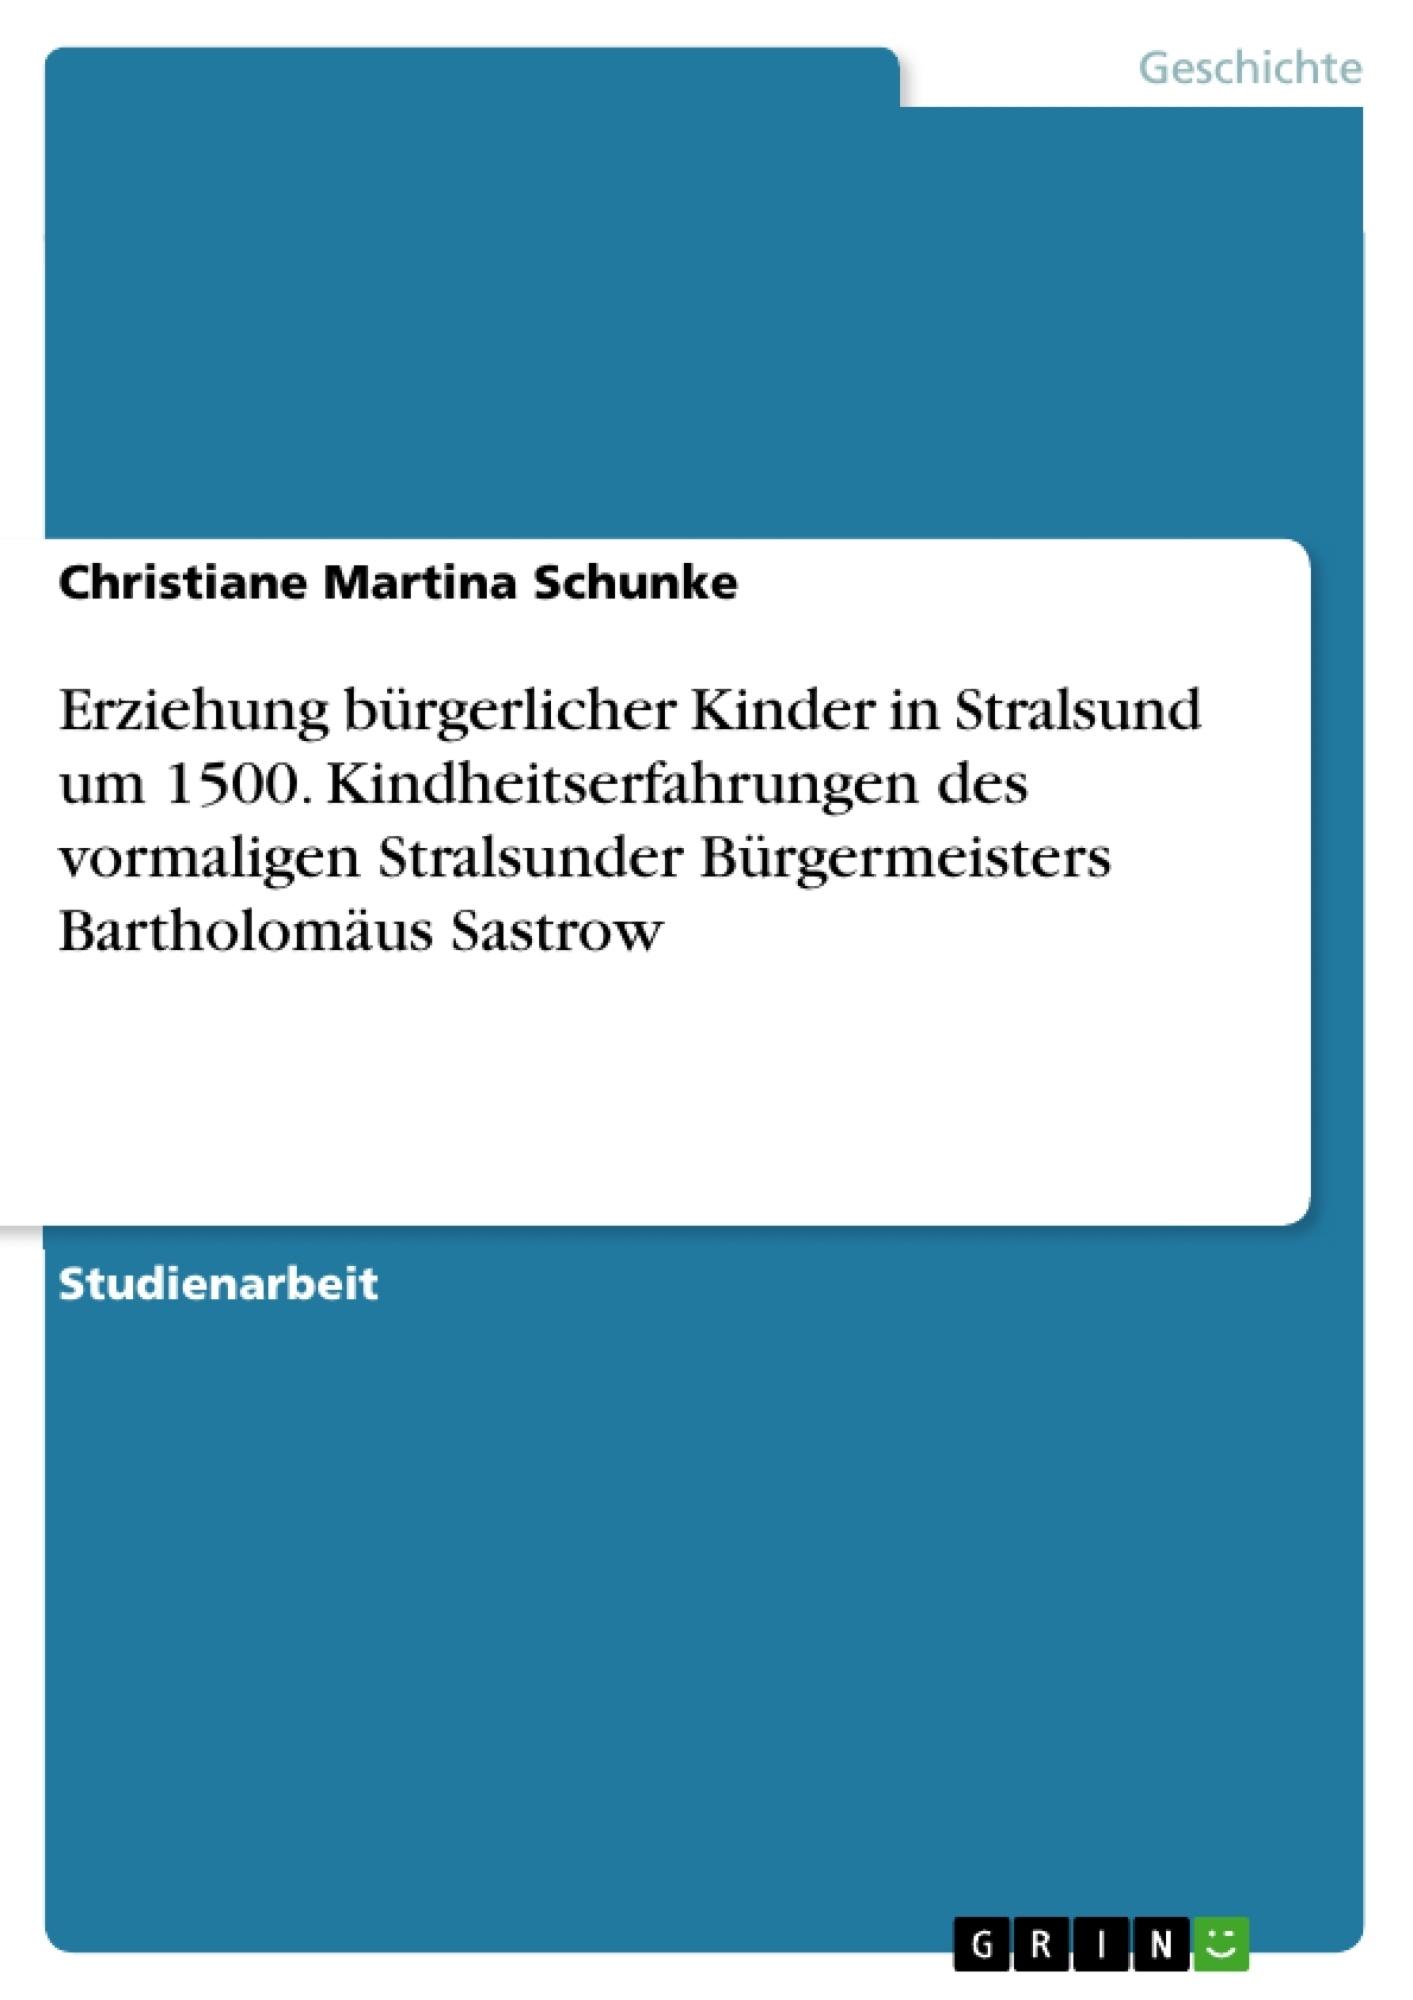 Titel: Erziehung bürgerlicher Kinder in Stralsund um 1500. Kindheitserfahrungen des vormaligen Stralsunder Bürgermeisters Bartholomäus Sastrow